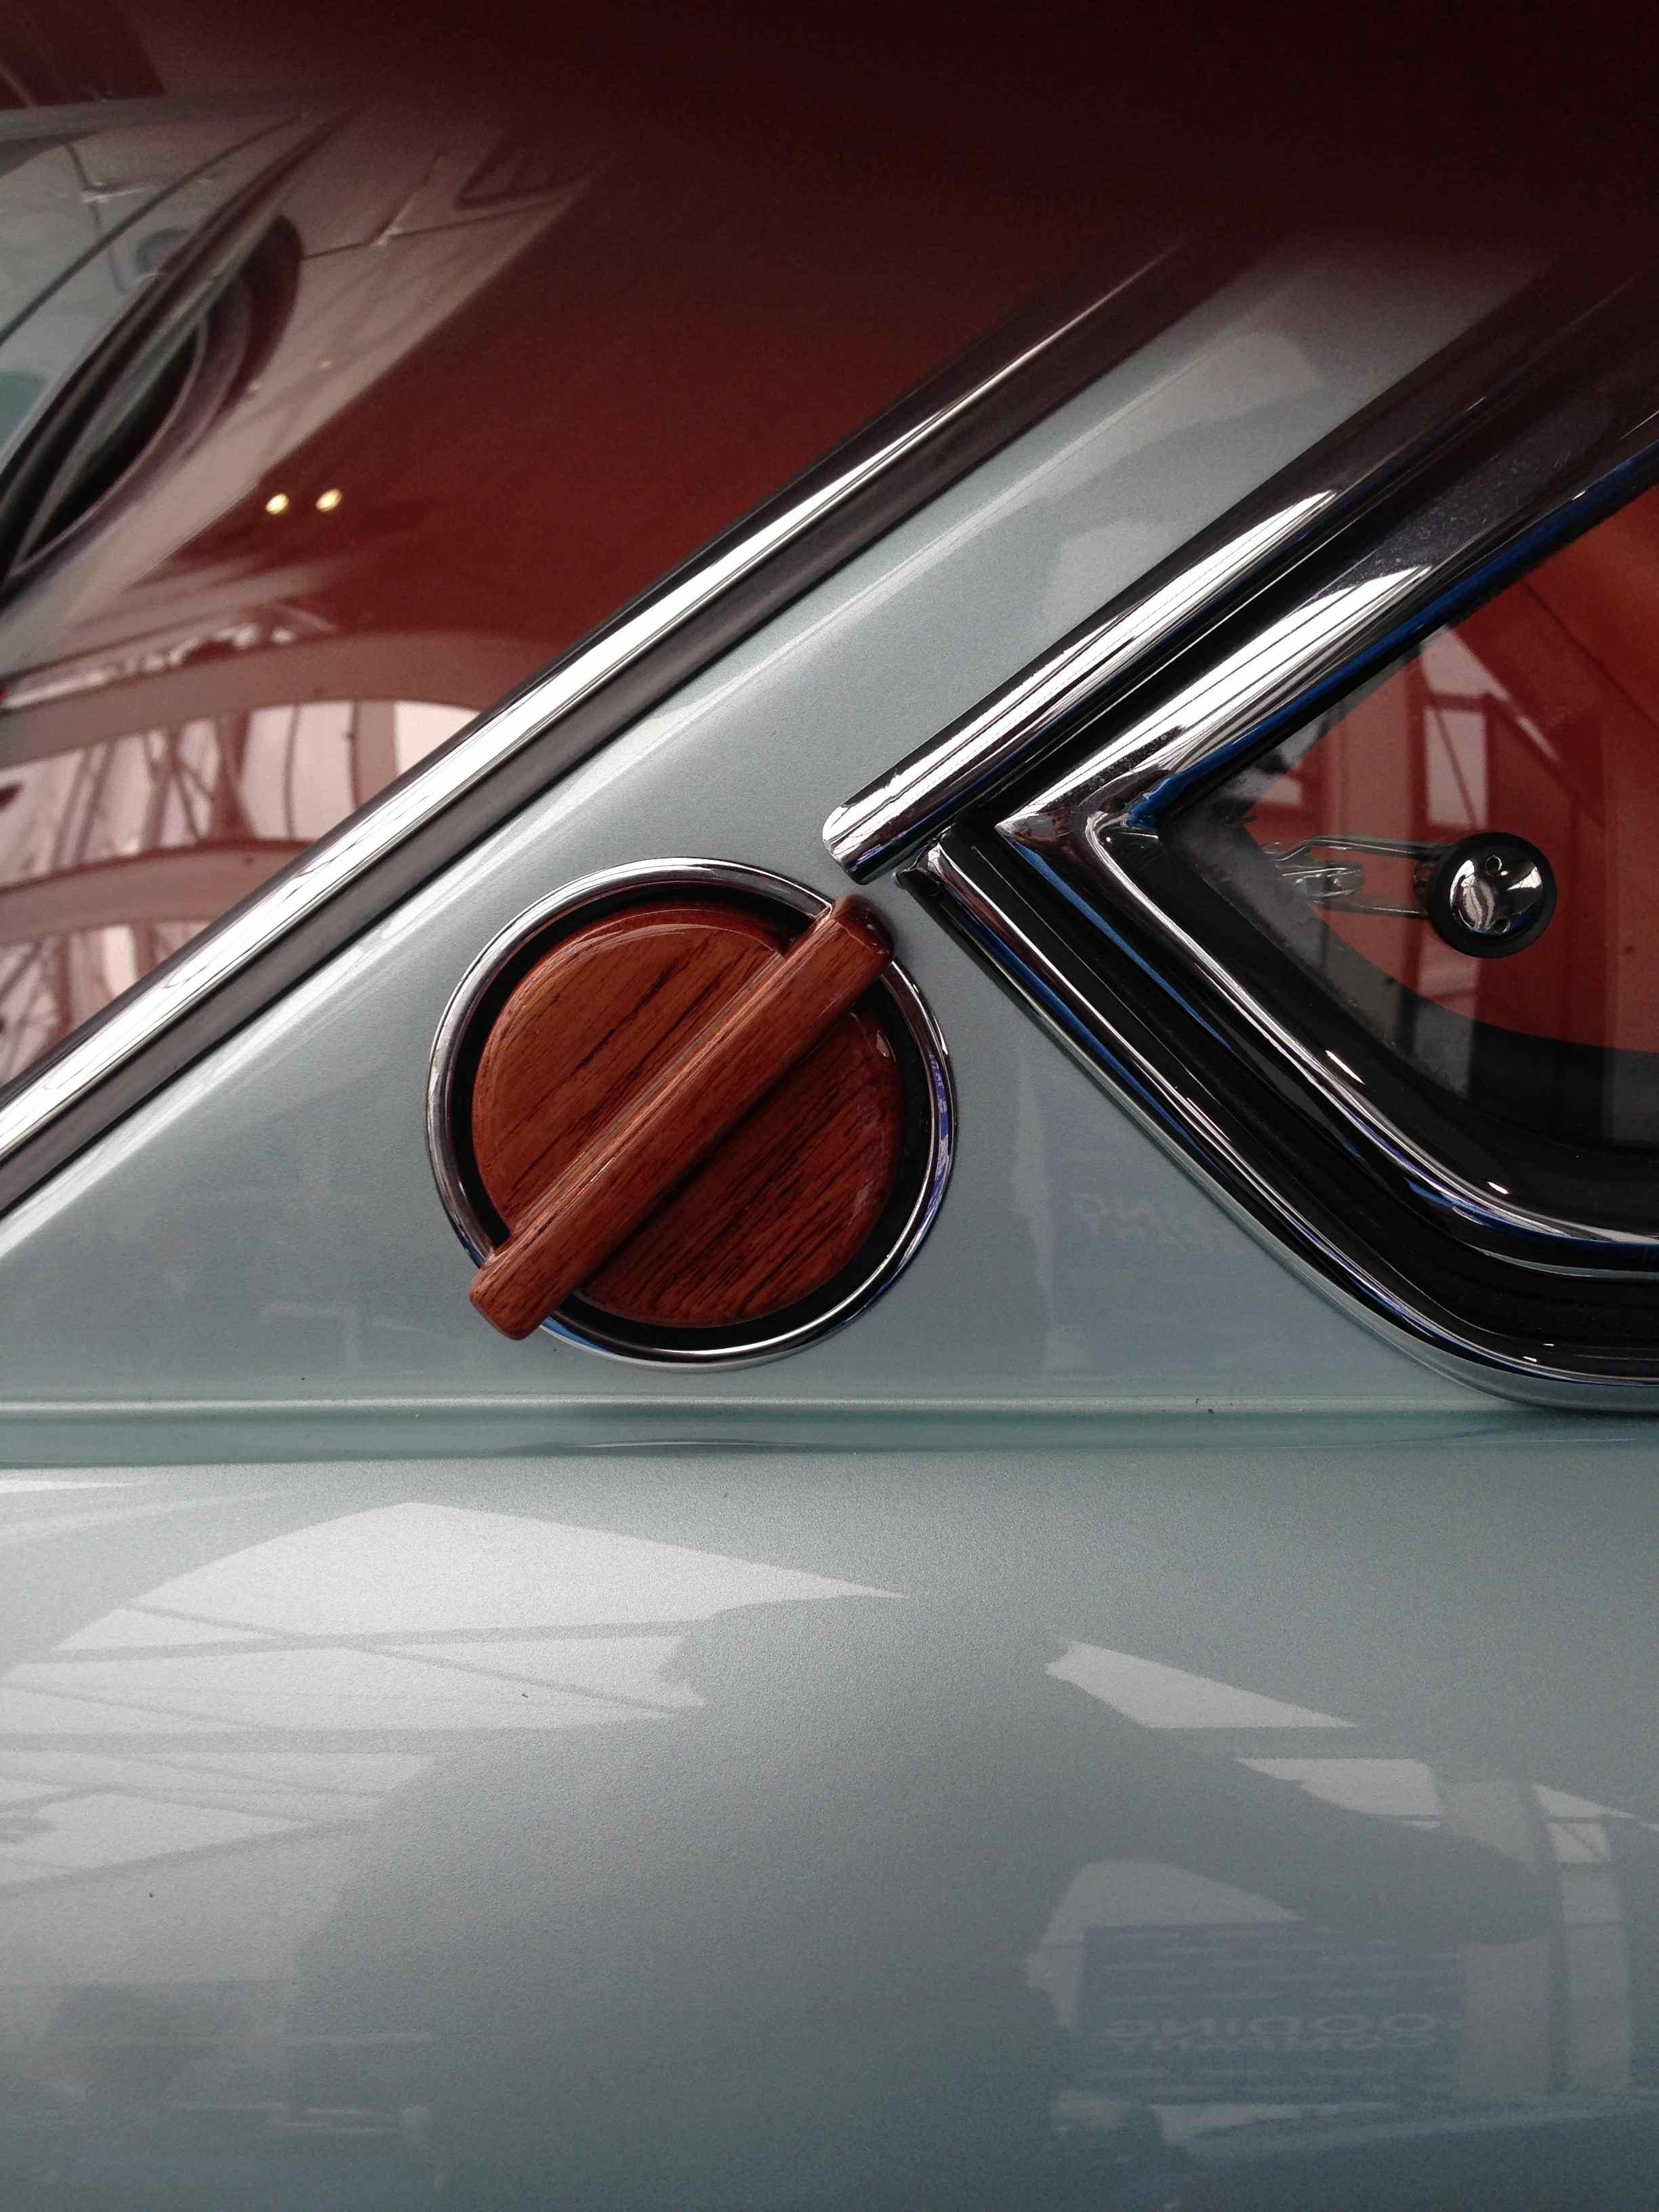 Ferruccio Lamborghini's Islero with unique wooden gas cap (at Gooding and Company)